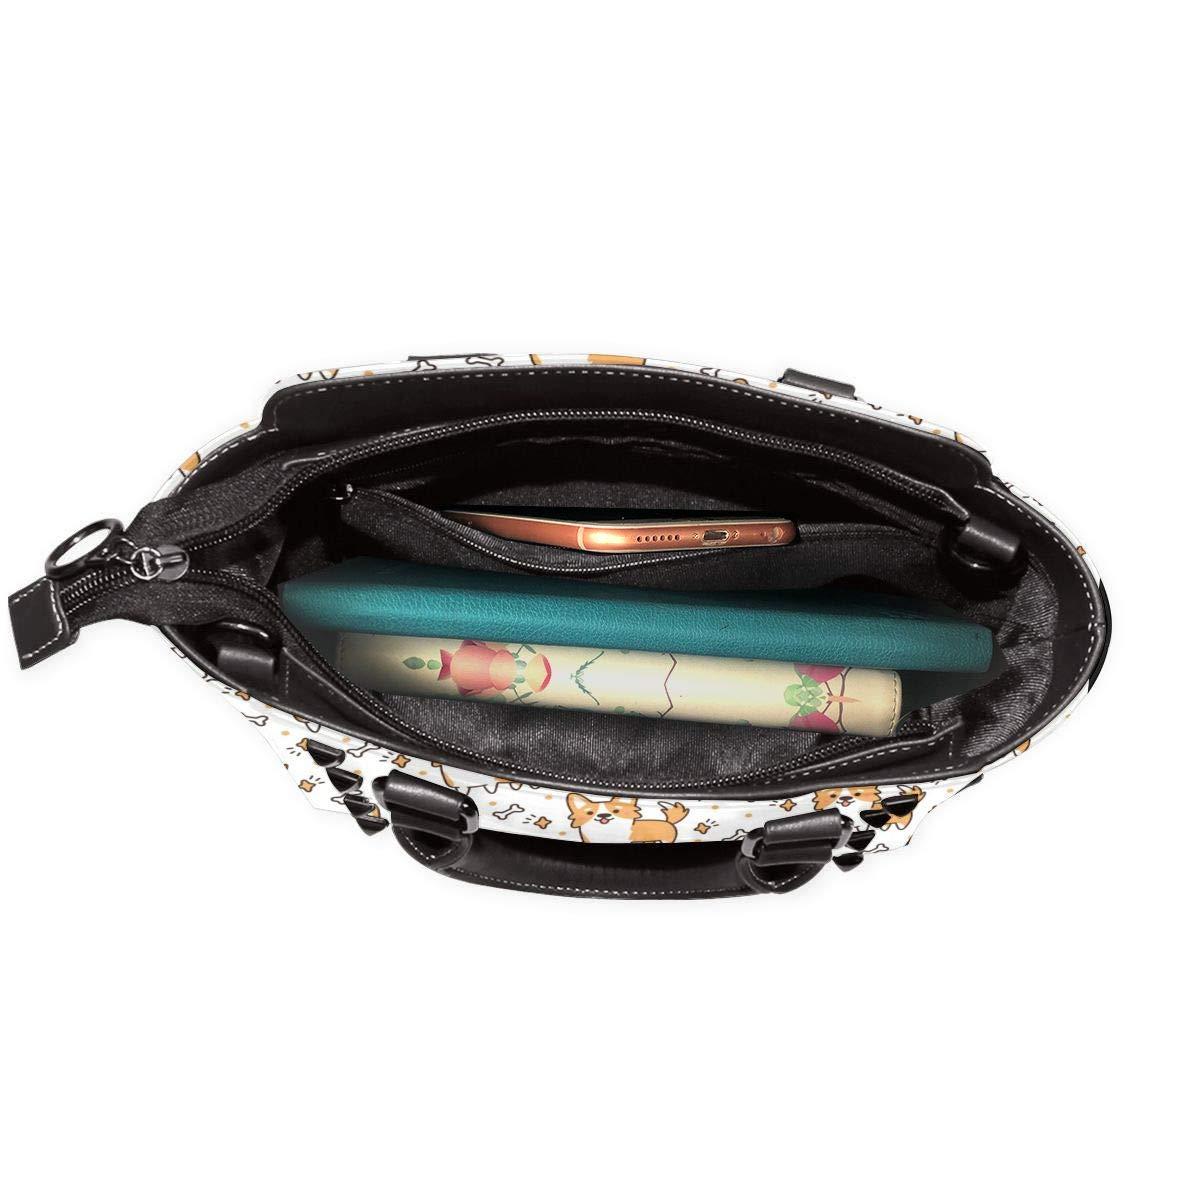 LalaQ dam axelväska saxofon och musikknutar, hög kvalitet, elegant, äkta läder, nitar Söt Welsh Corgi hund